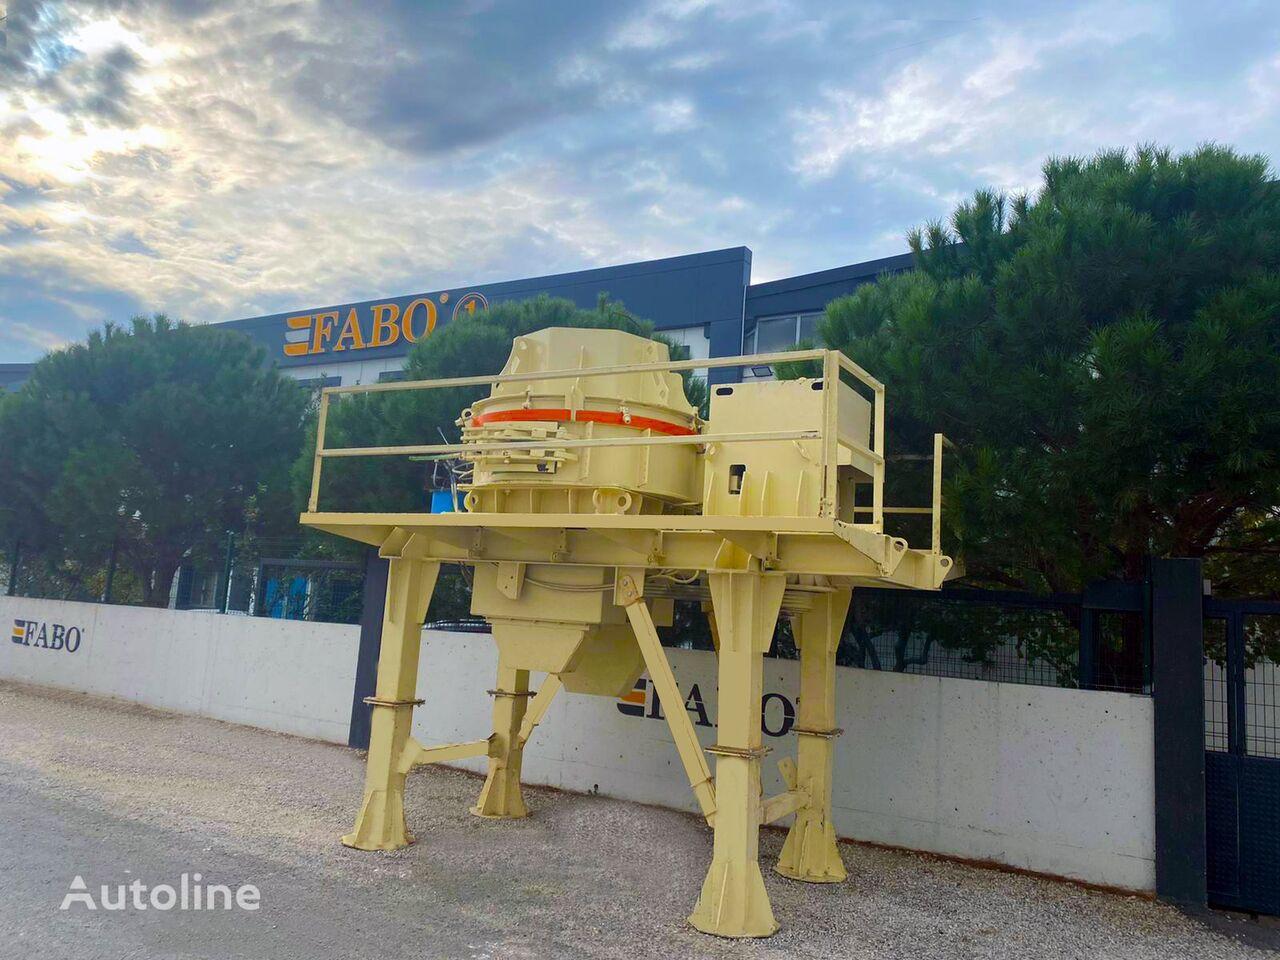 drtič FABO USED VSI-700 VERTICAL SHAFT IMPACT CRUSHER FOR SALE